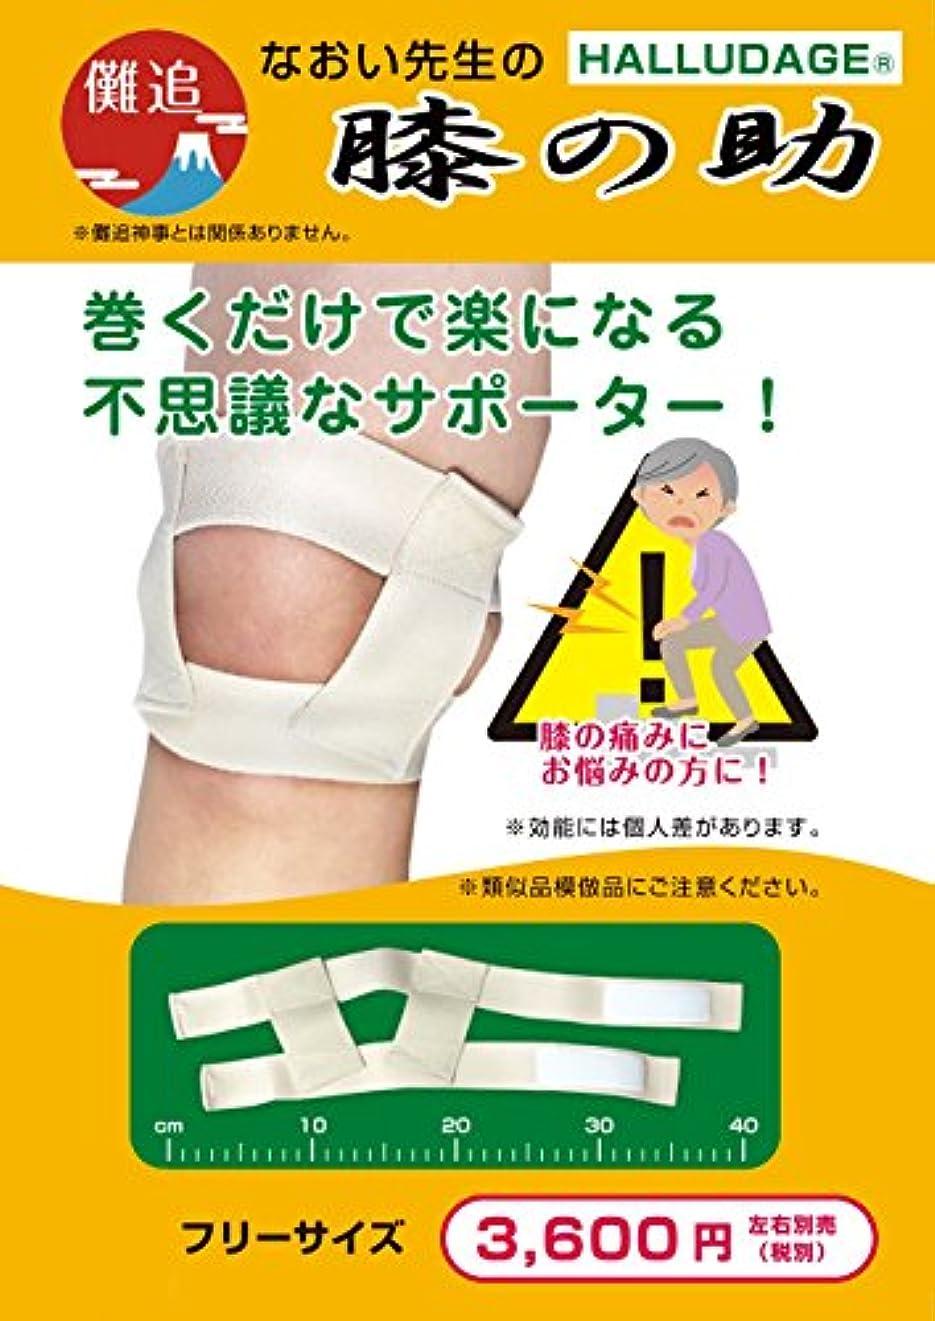 放棄アミューズメント役職巻くだけでひざが楽になる「なおい先生の膝の助」 (左足用)